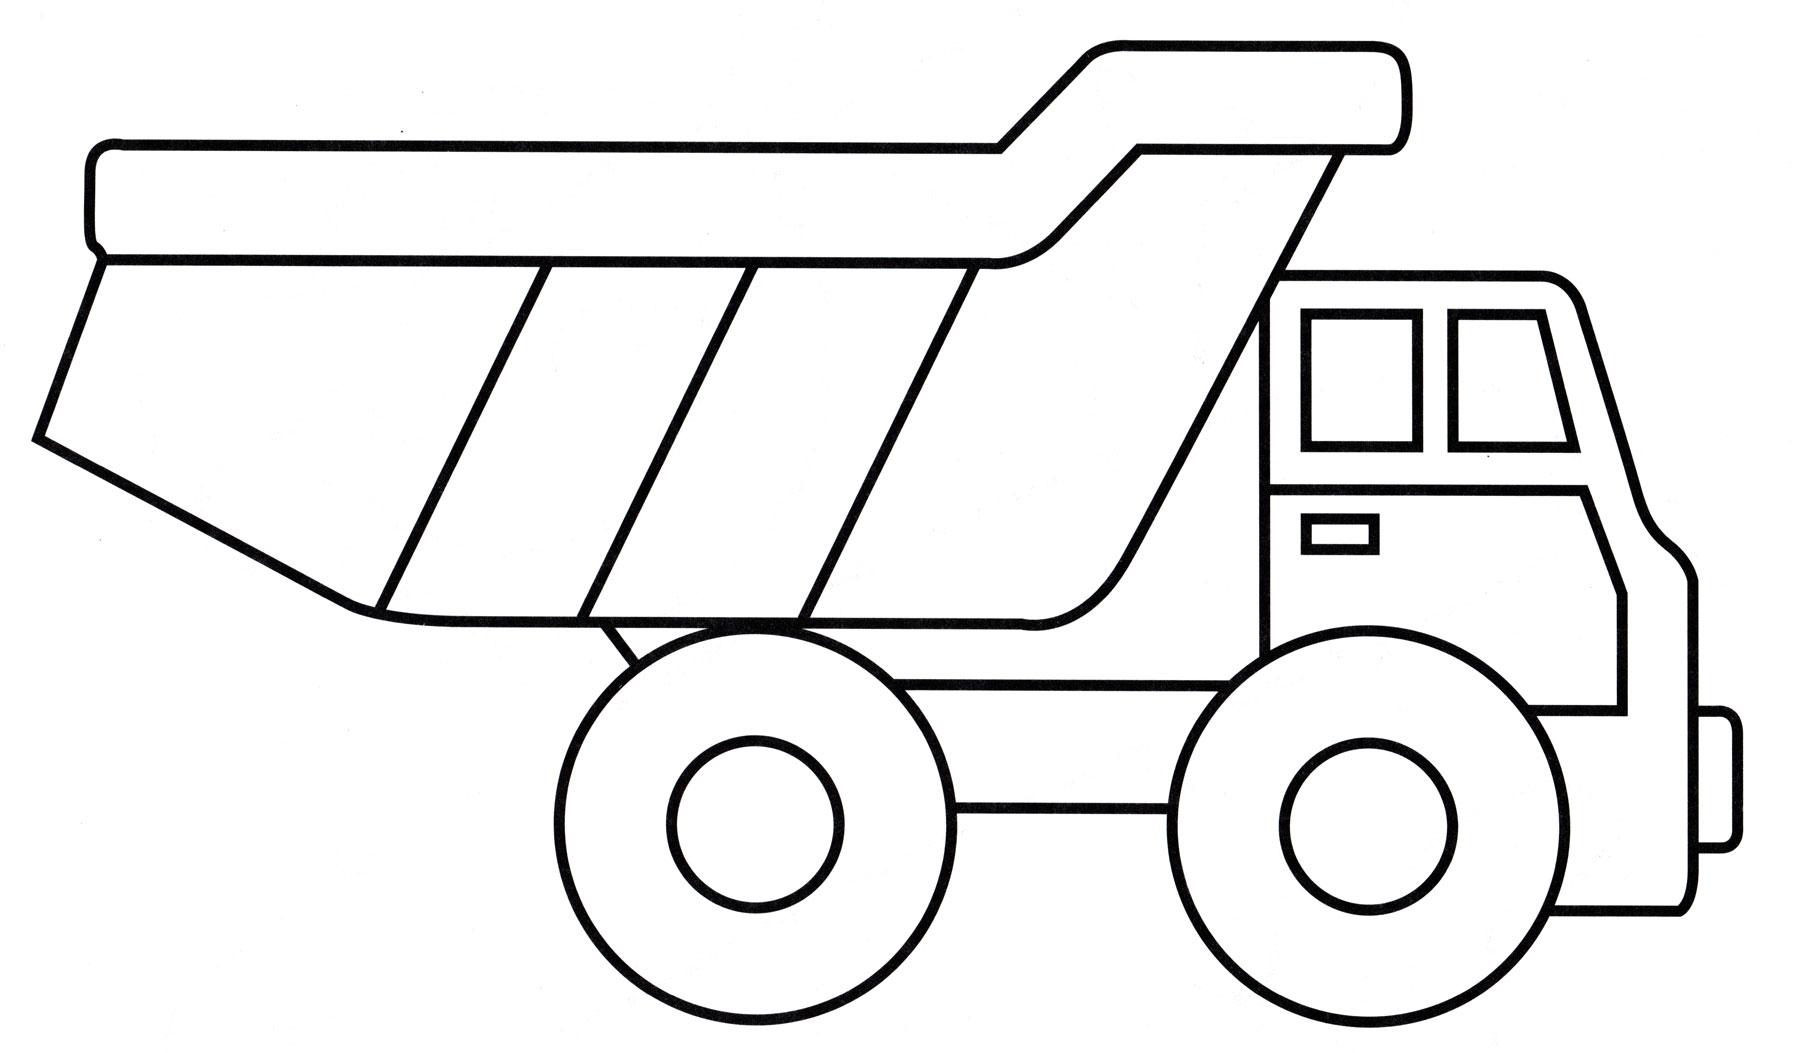 Раскраска Игрушечный грузовик - распечатать бесплатно